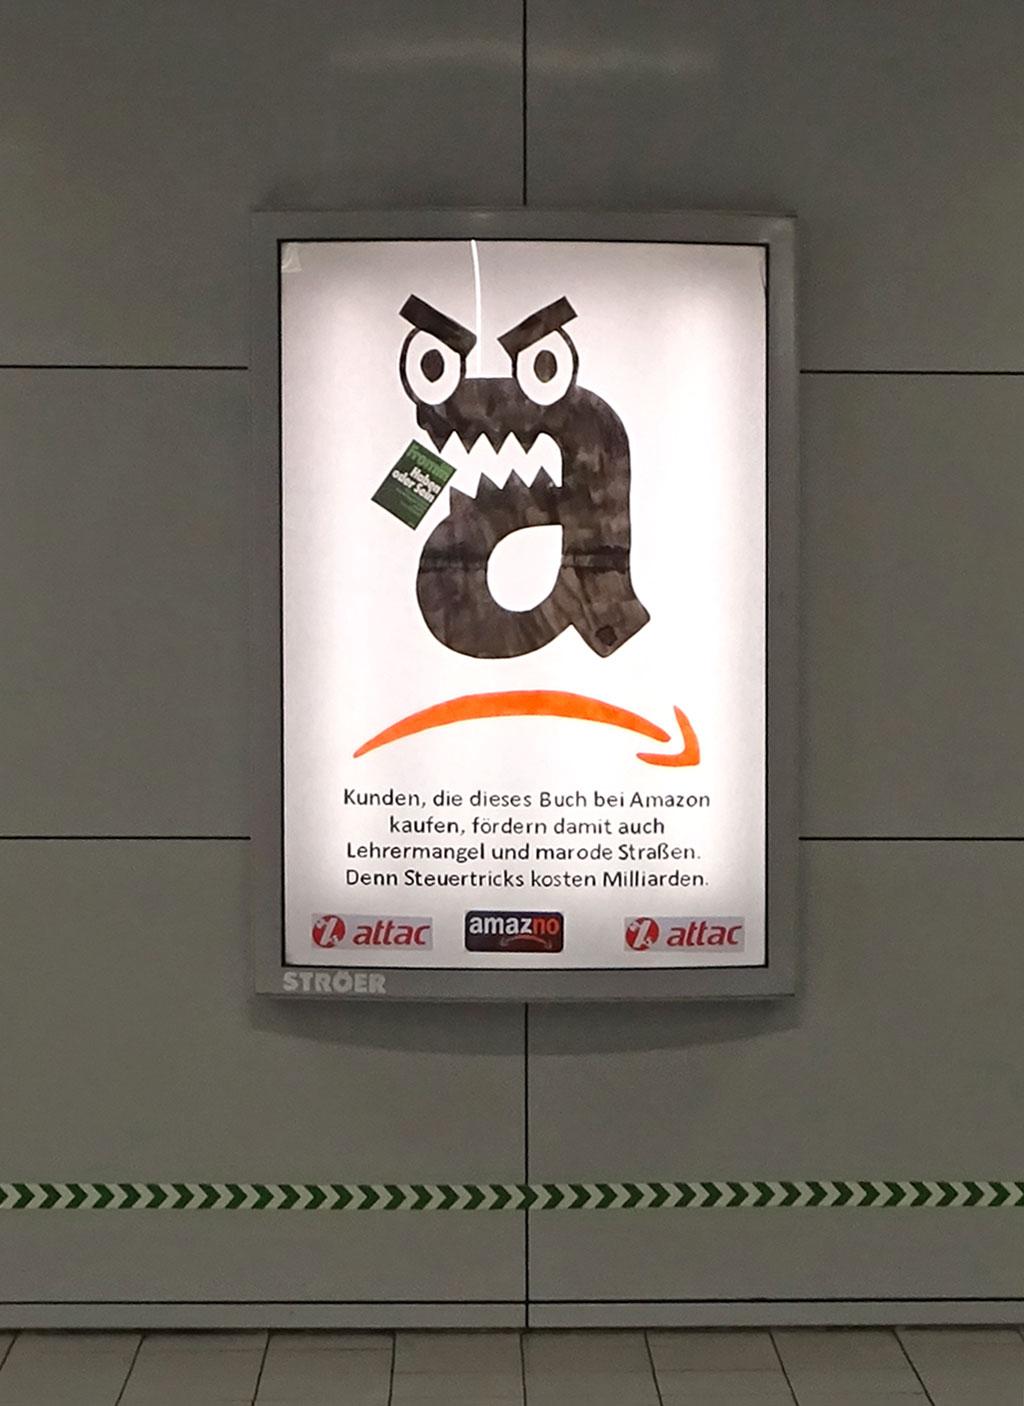 Anti-Amazon-Werbung von Attac.